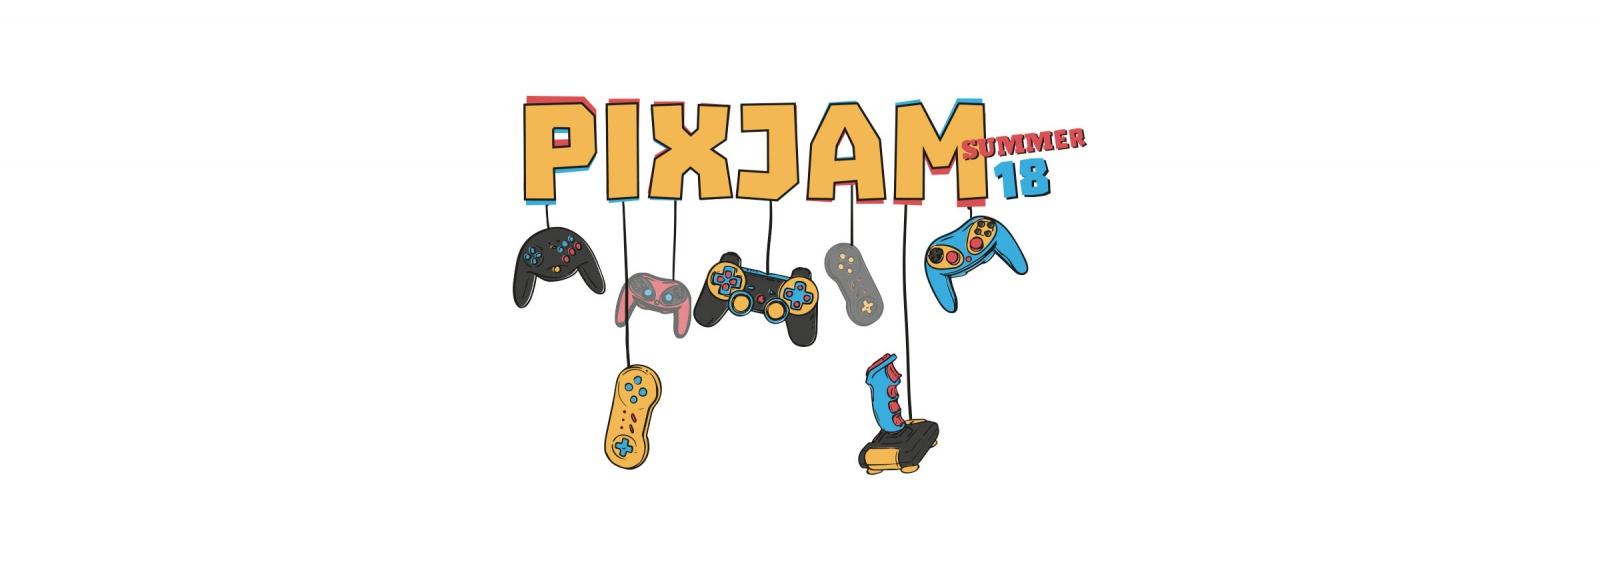 Раннеры для тех, кто любит унижения или как мы меняли и дорабатывали PixJam - 1